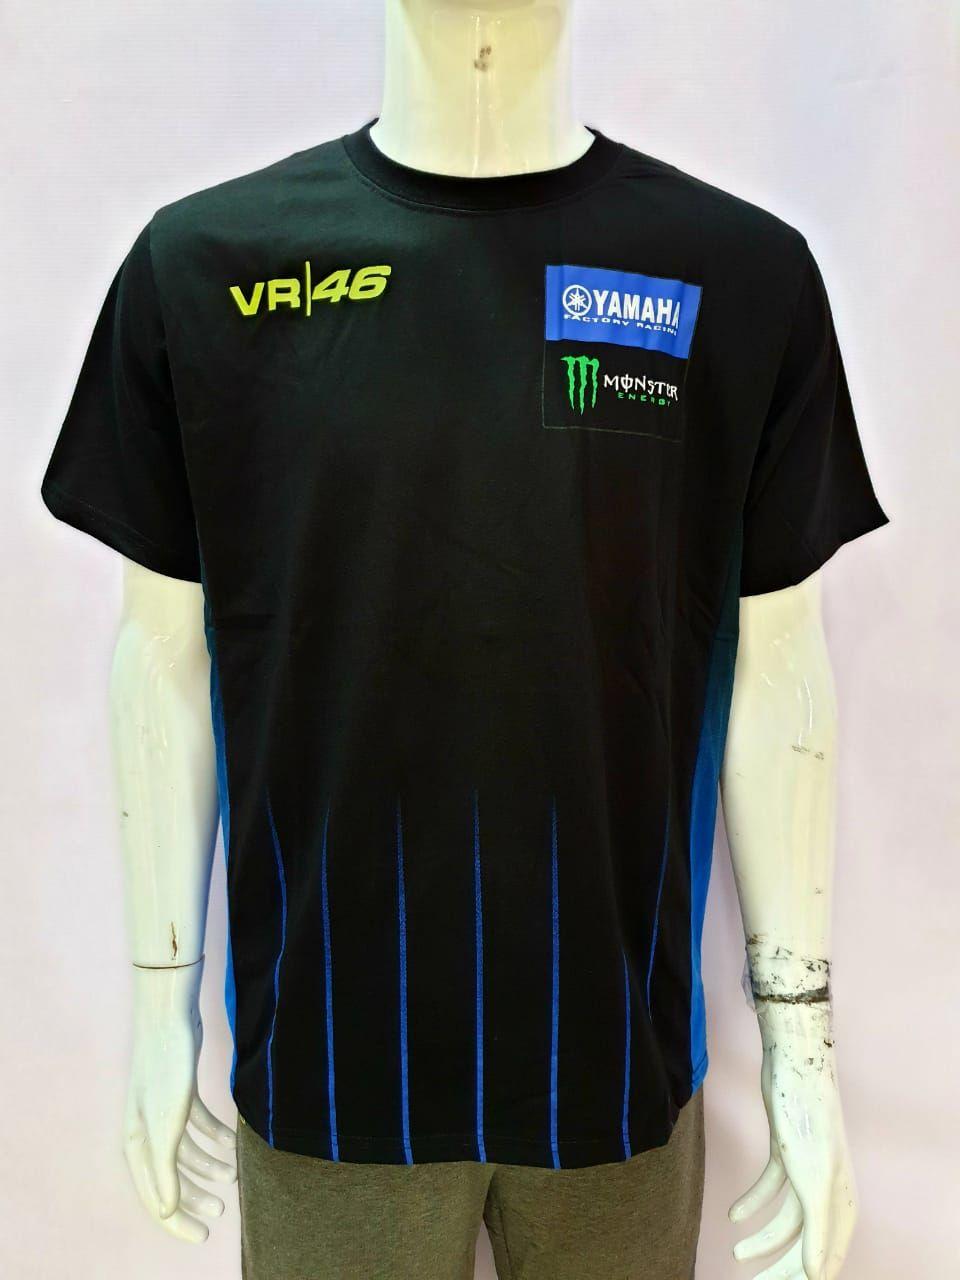 Yamaha Monster VR 46 Round Neck T-shirt